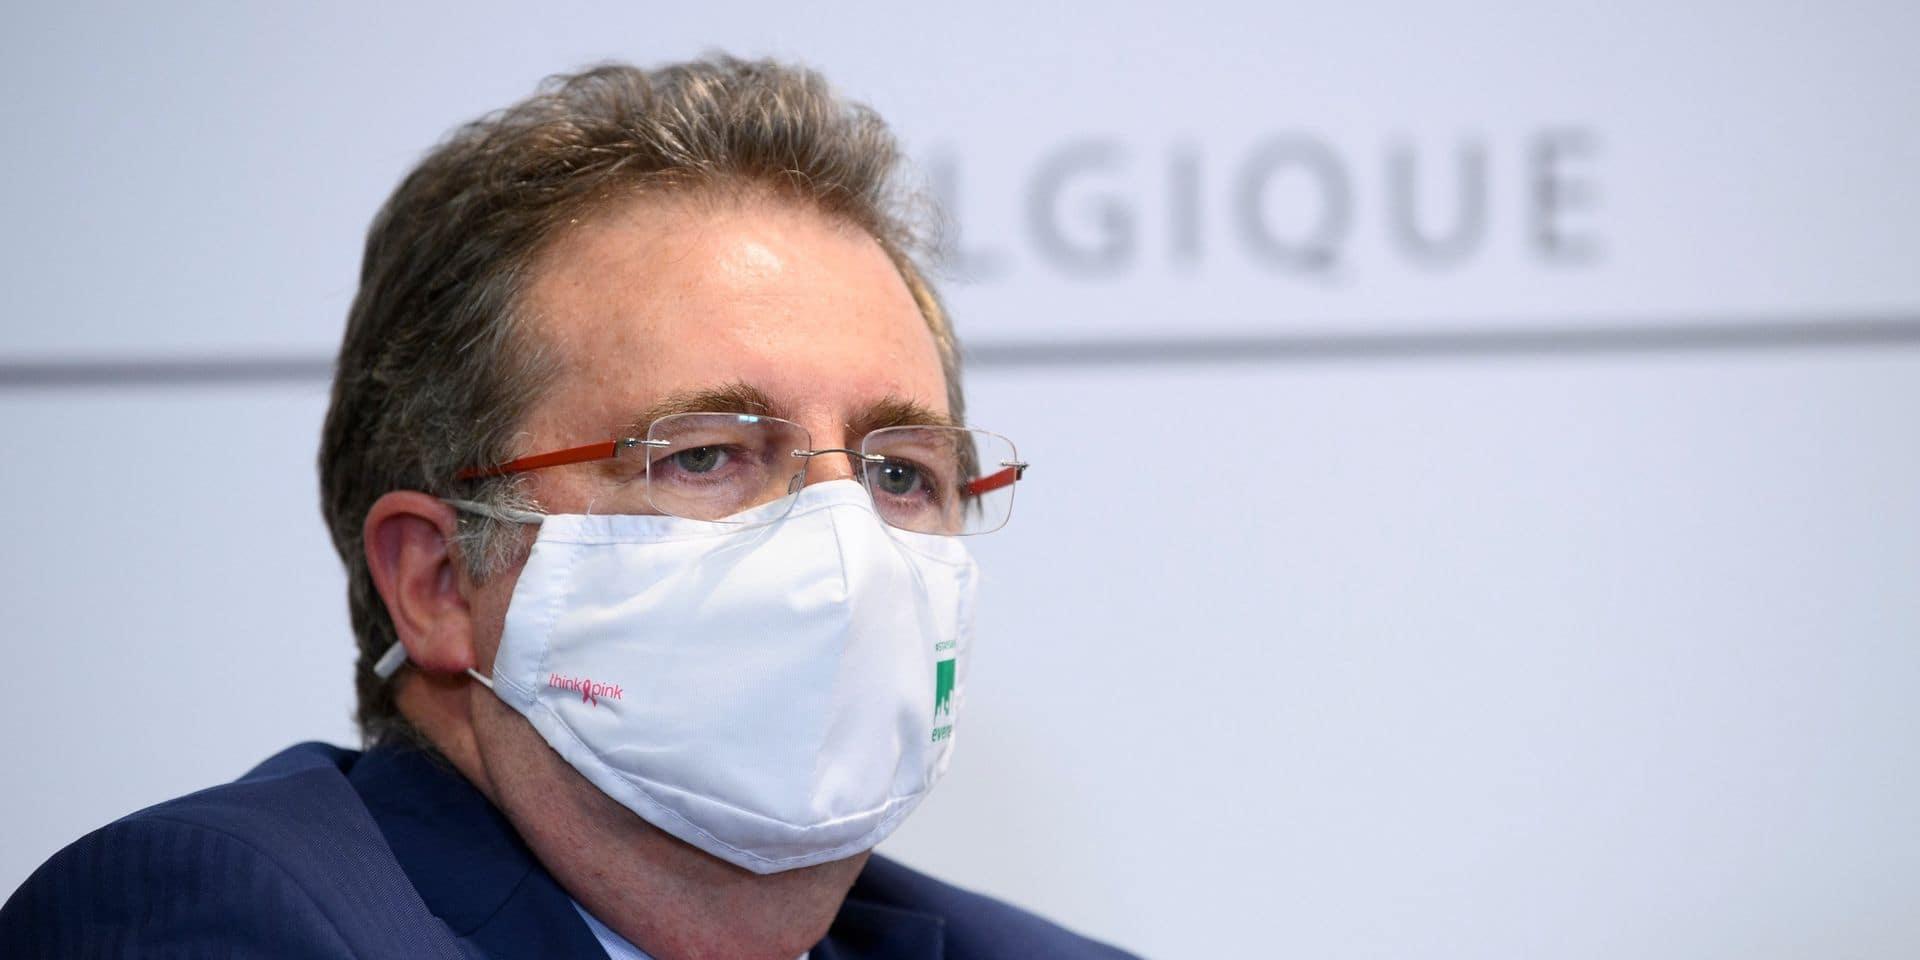 """Rudi Vervoort reproche à Bart De Wever son """"mépris obsessionnel"""" de Bruxelles: """"Il cherchait un bouc émissaire pour détourner l'attention"""""""